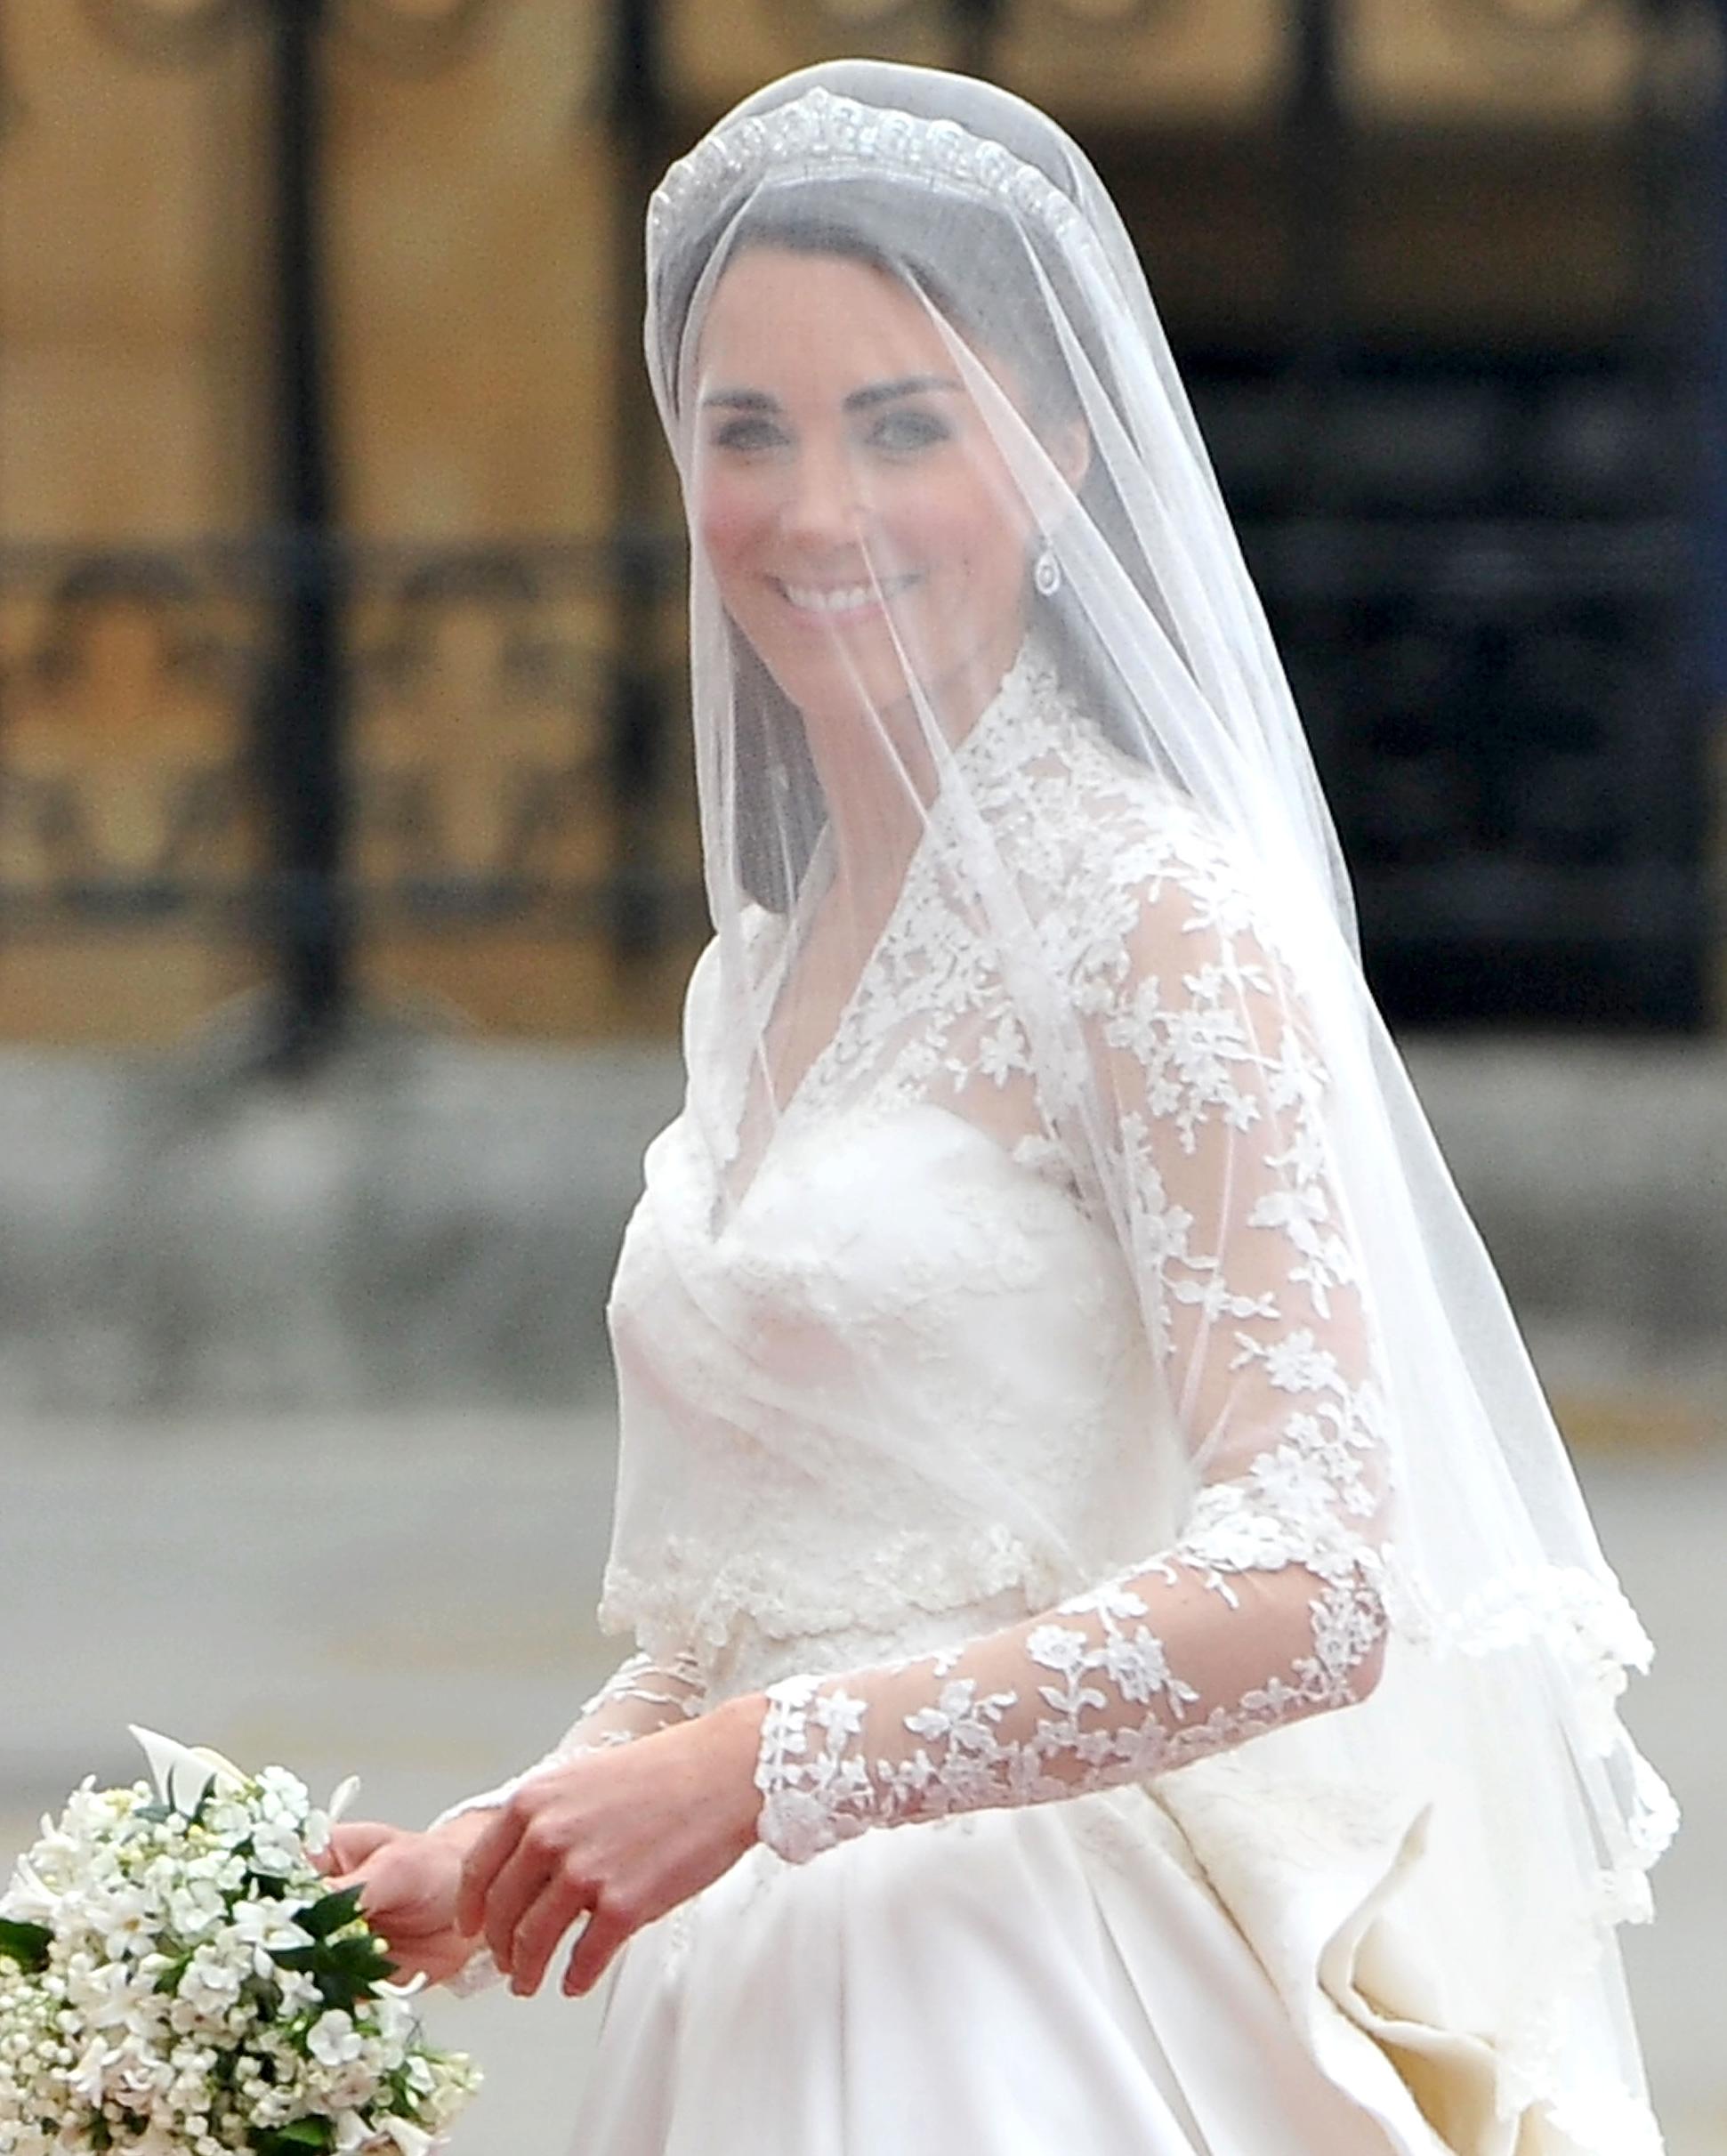 celebrity-brides-veils-kate-middleton-prince-william-0615.jpg